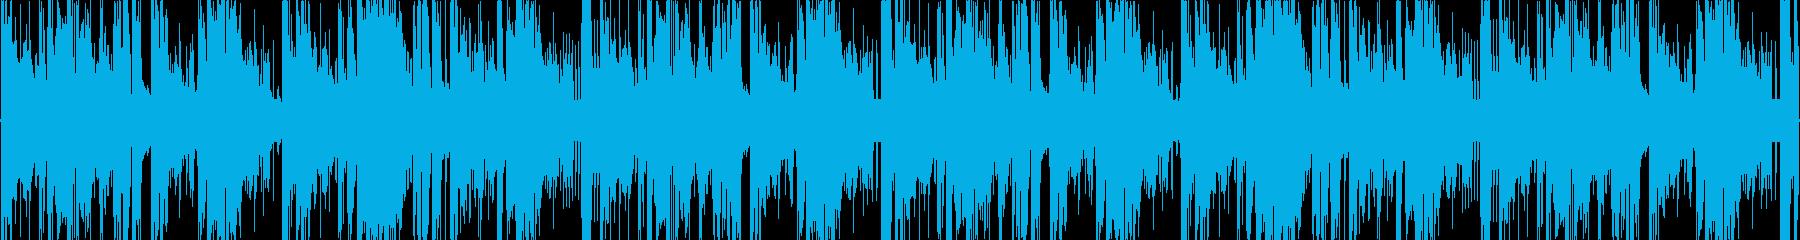 ダブステップヒーリングLOOPの再生済みの波形